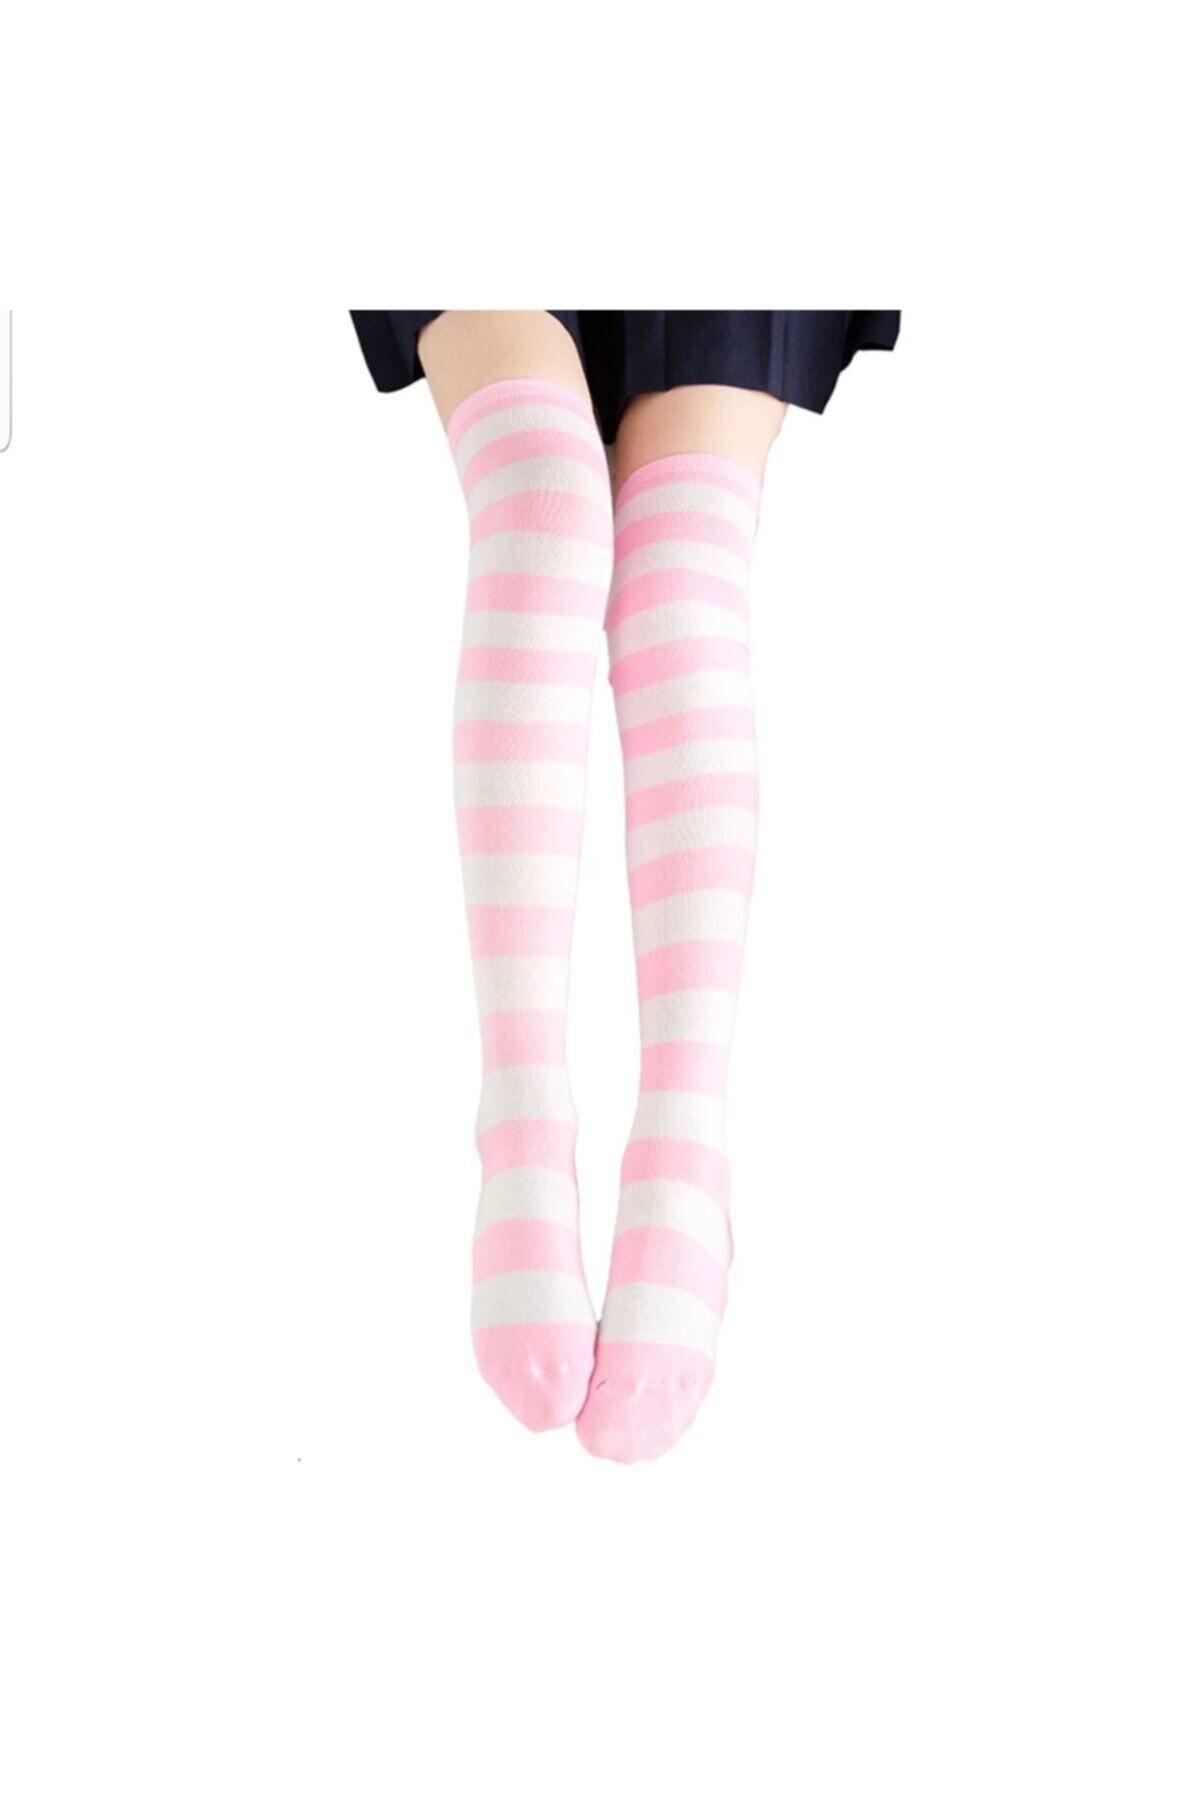 Cindiy Pembe Beyaz Diz Üstü Çorap 2